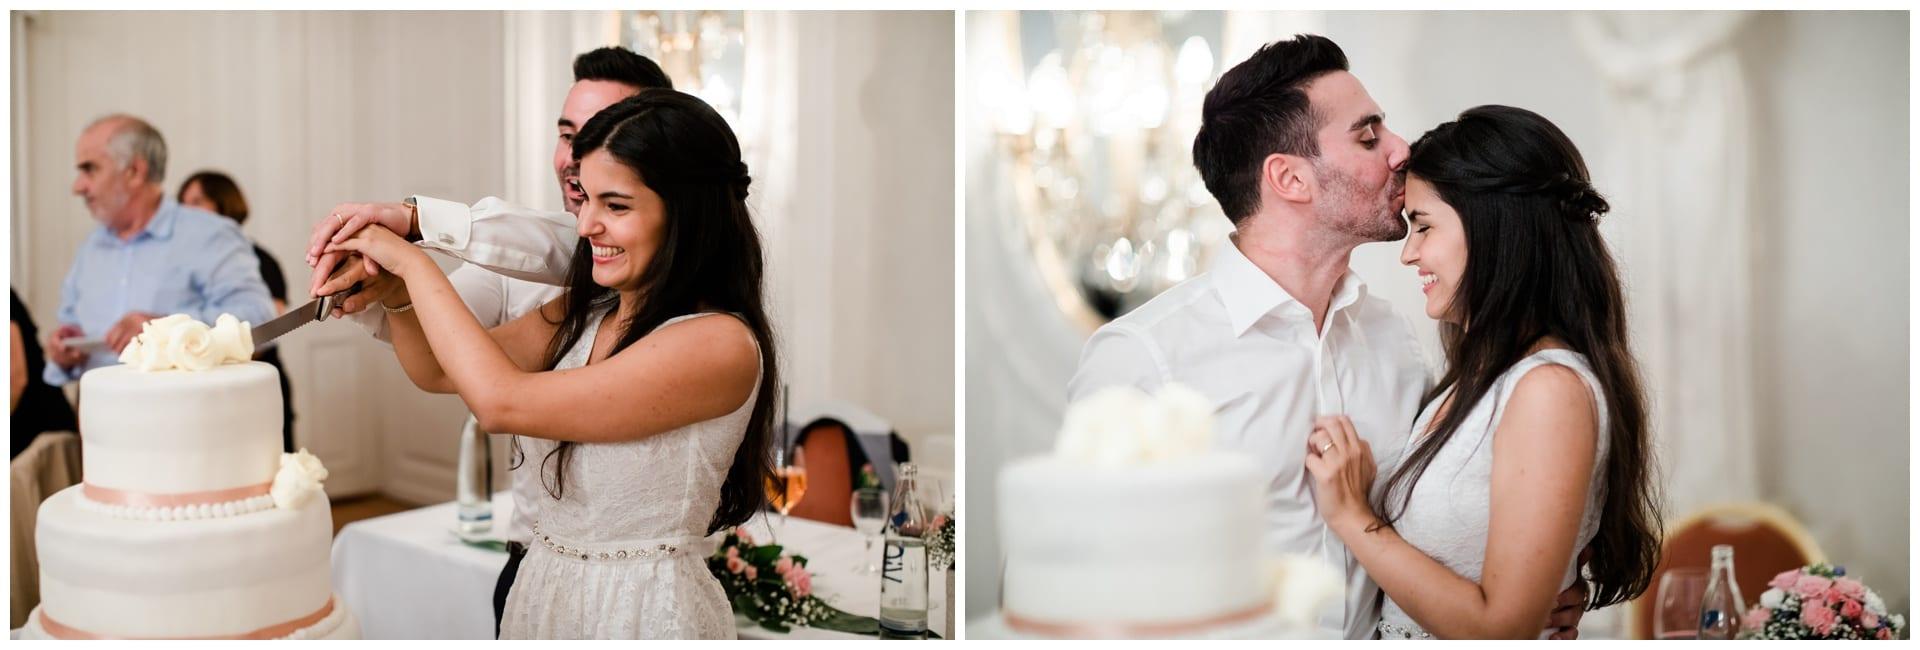 Anya und Adrian @mama wedding 40